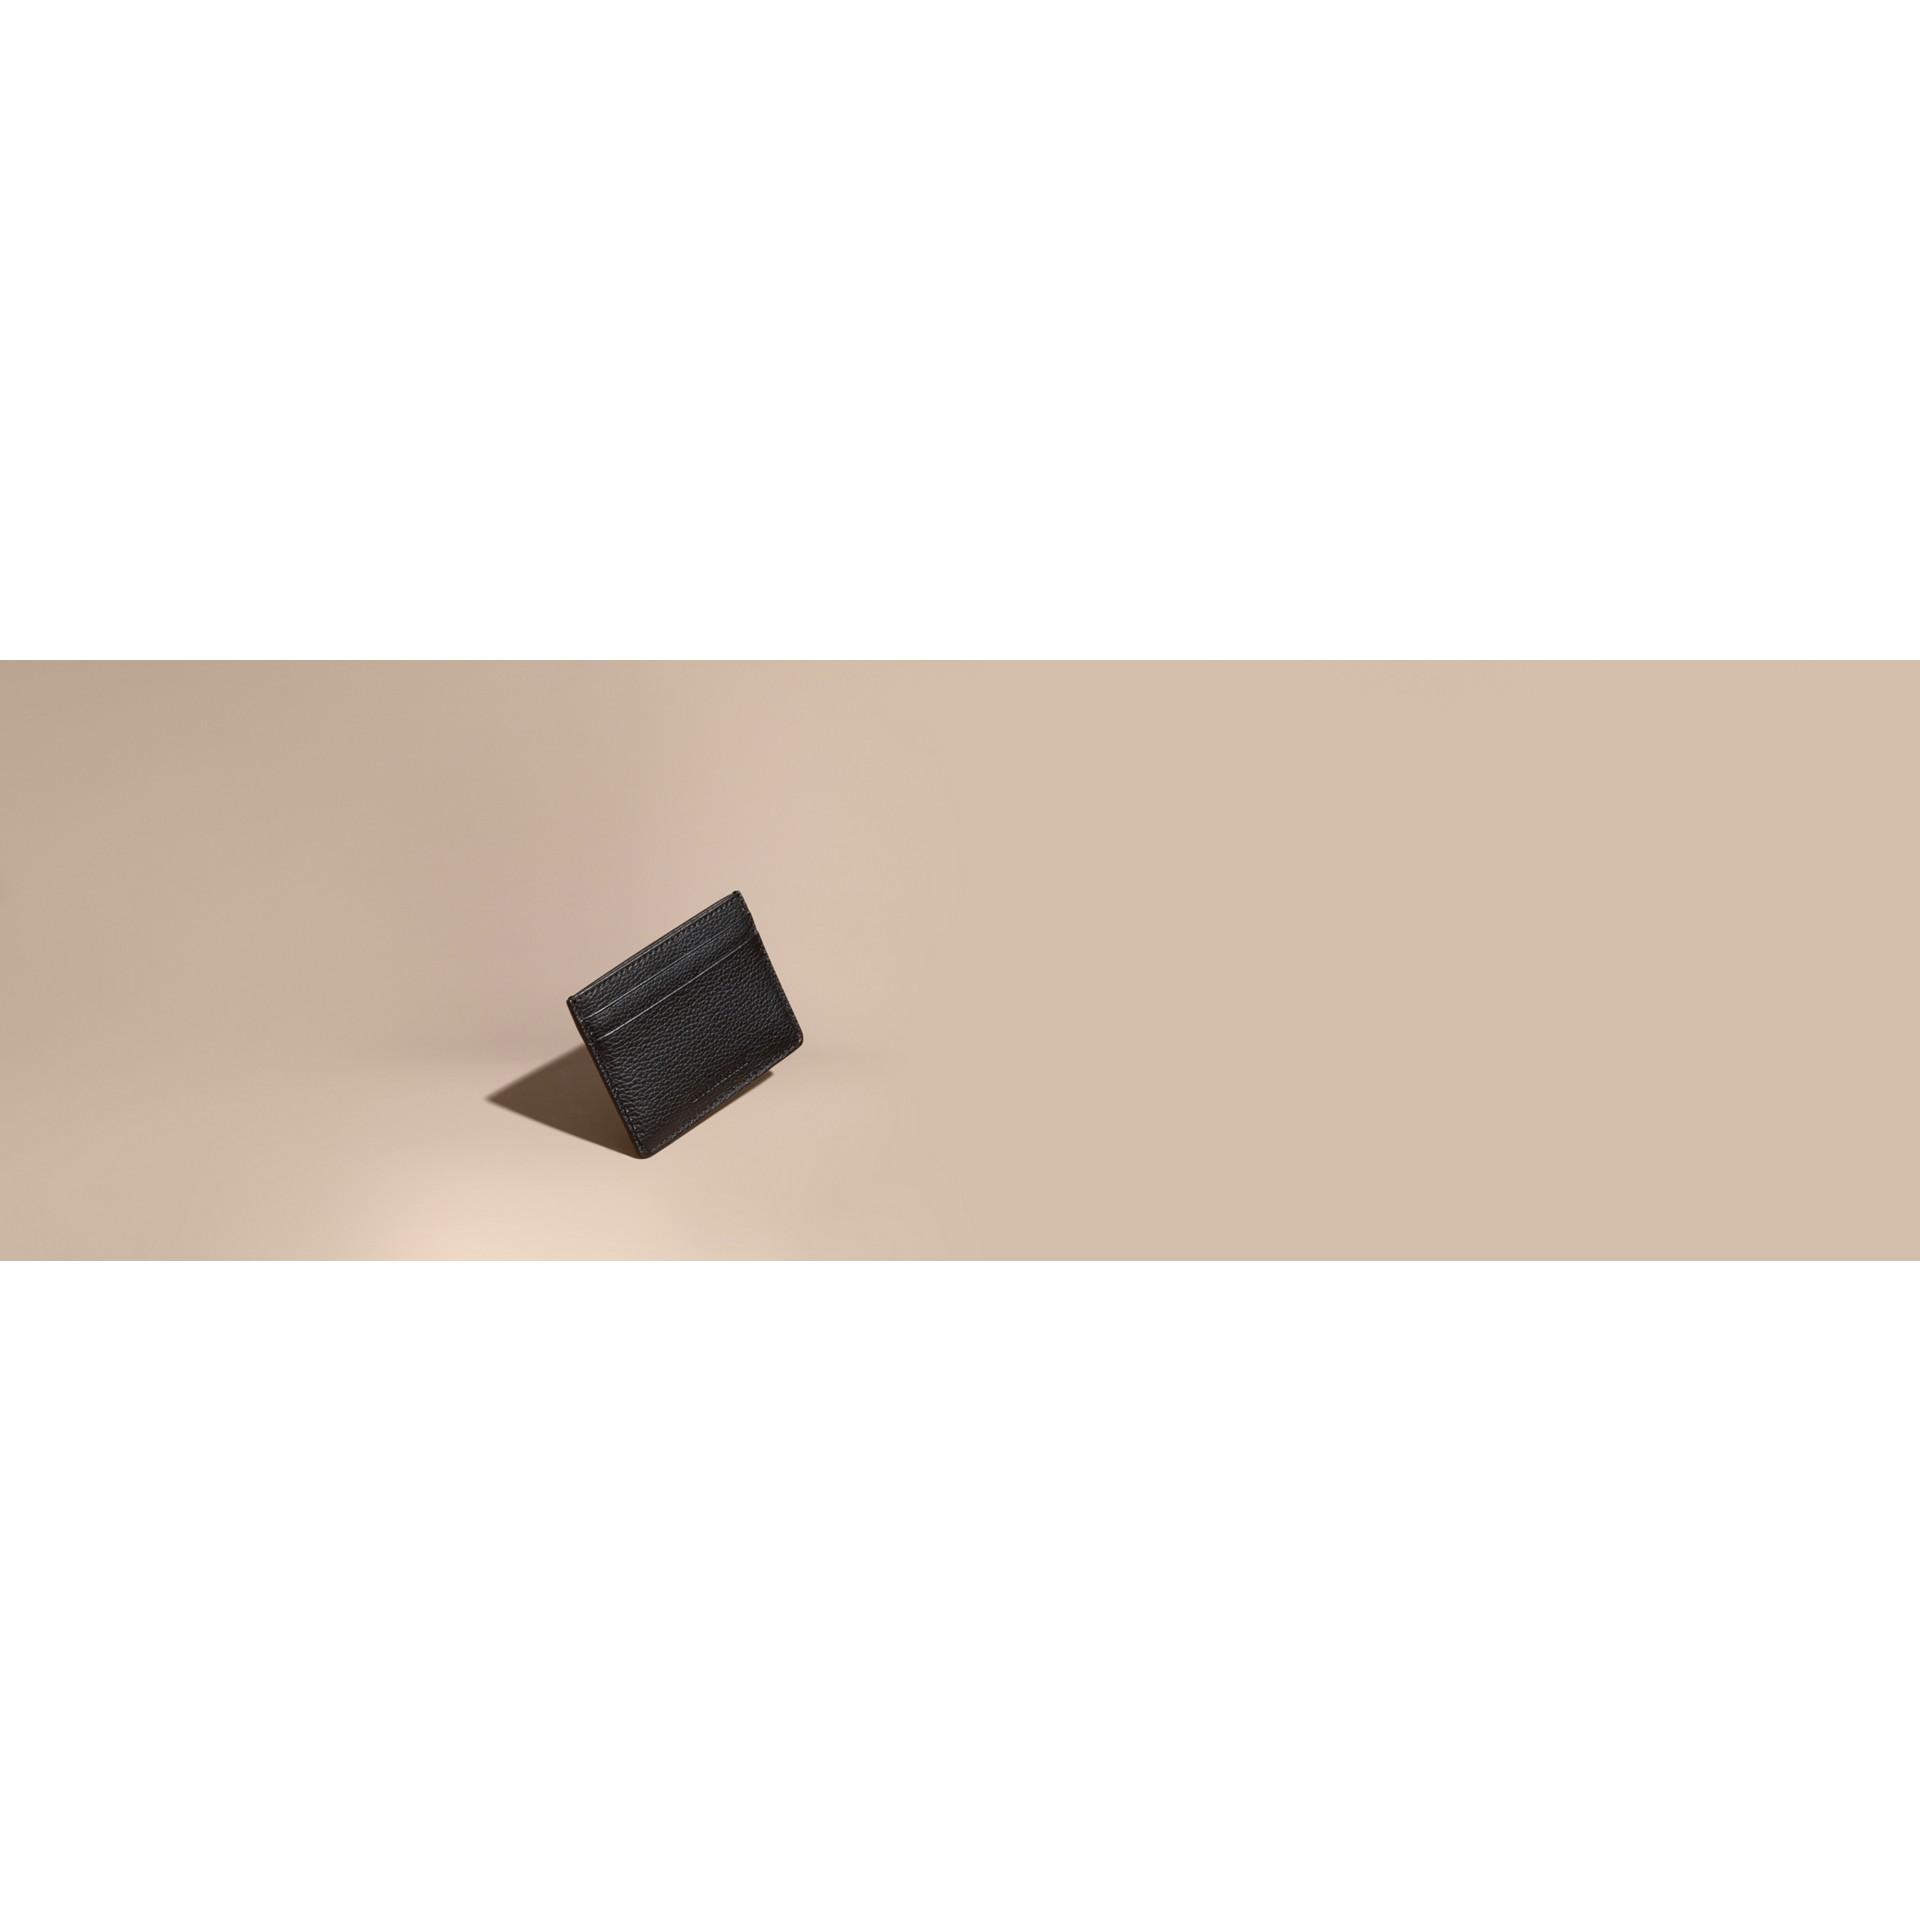 Черный Футляр для карт из зернистой кожи London Черный - изображение 8